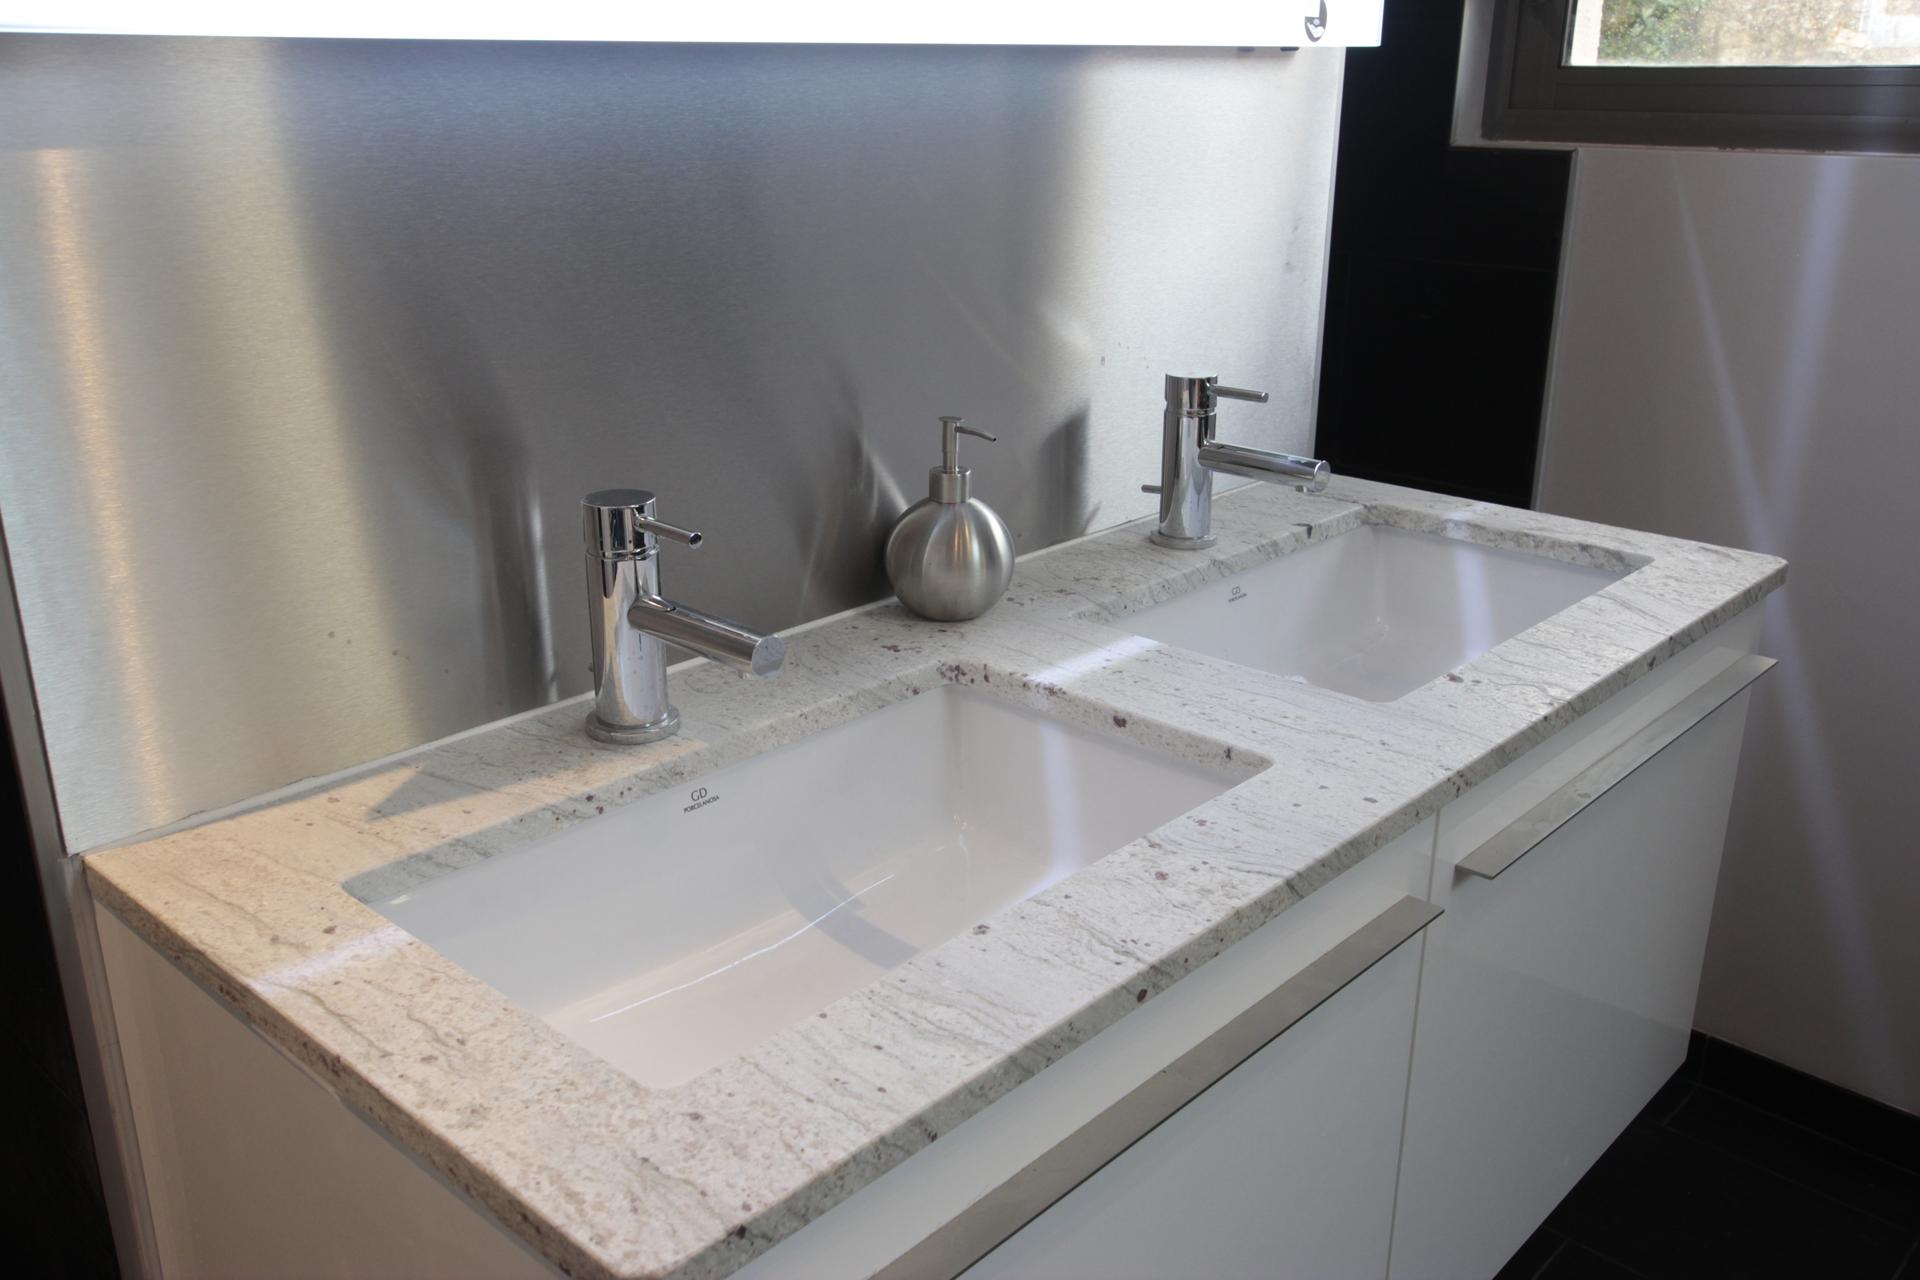 Plan de vasque porcelanosa jou plomberie chauffage for Salle de bains porcelanosa